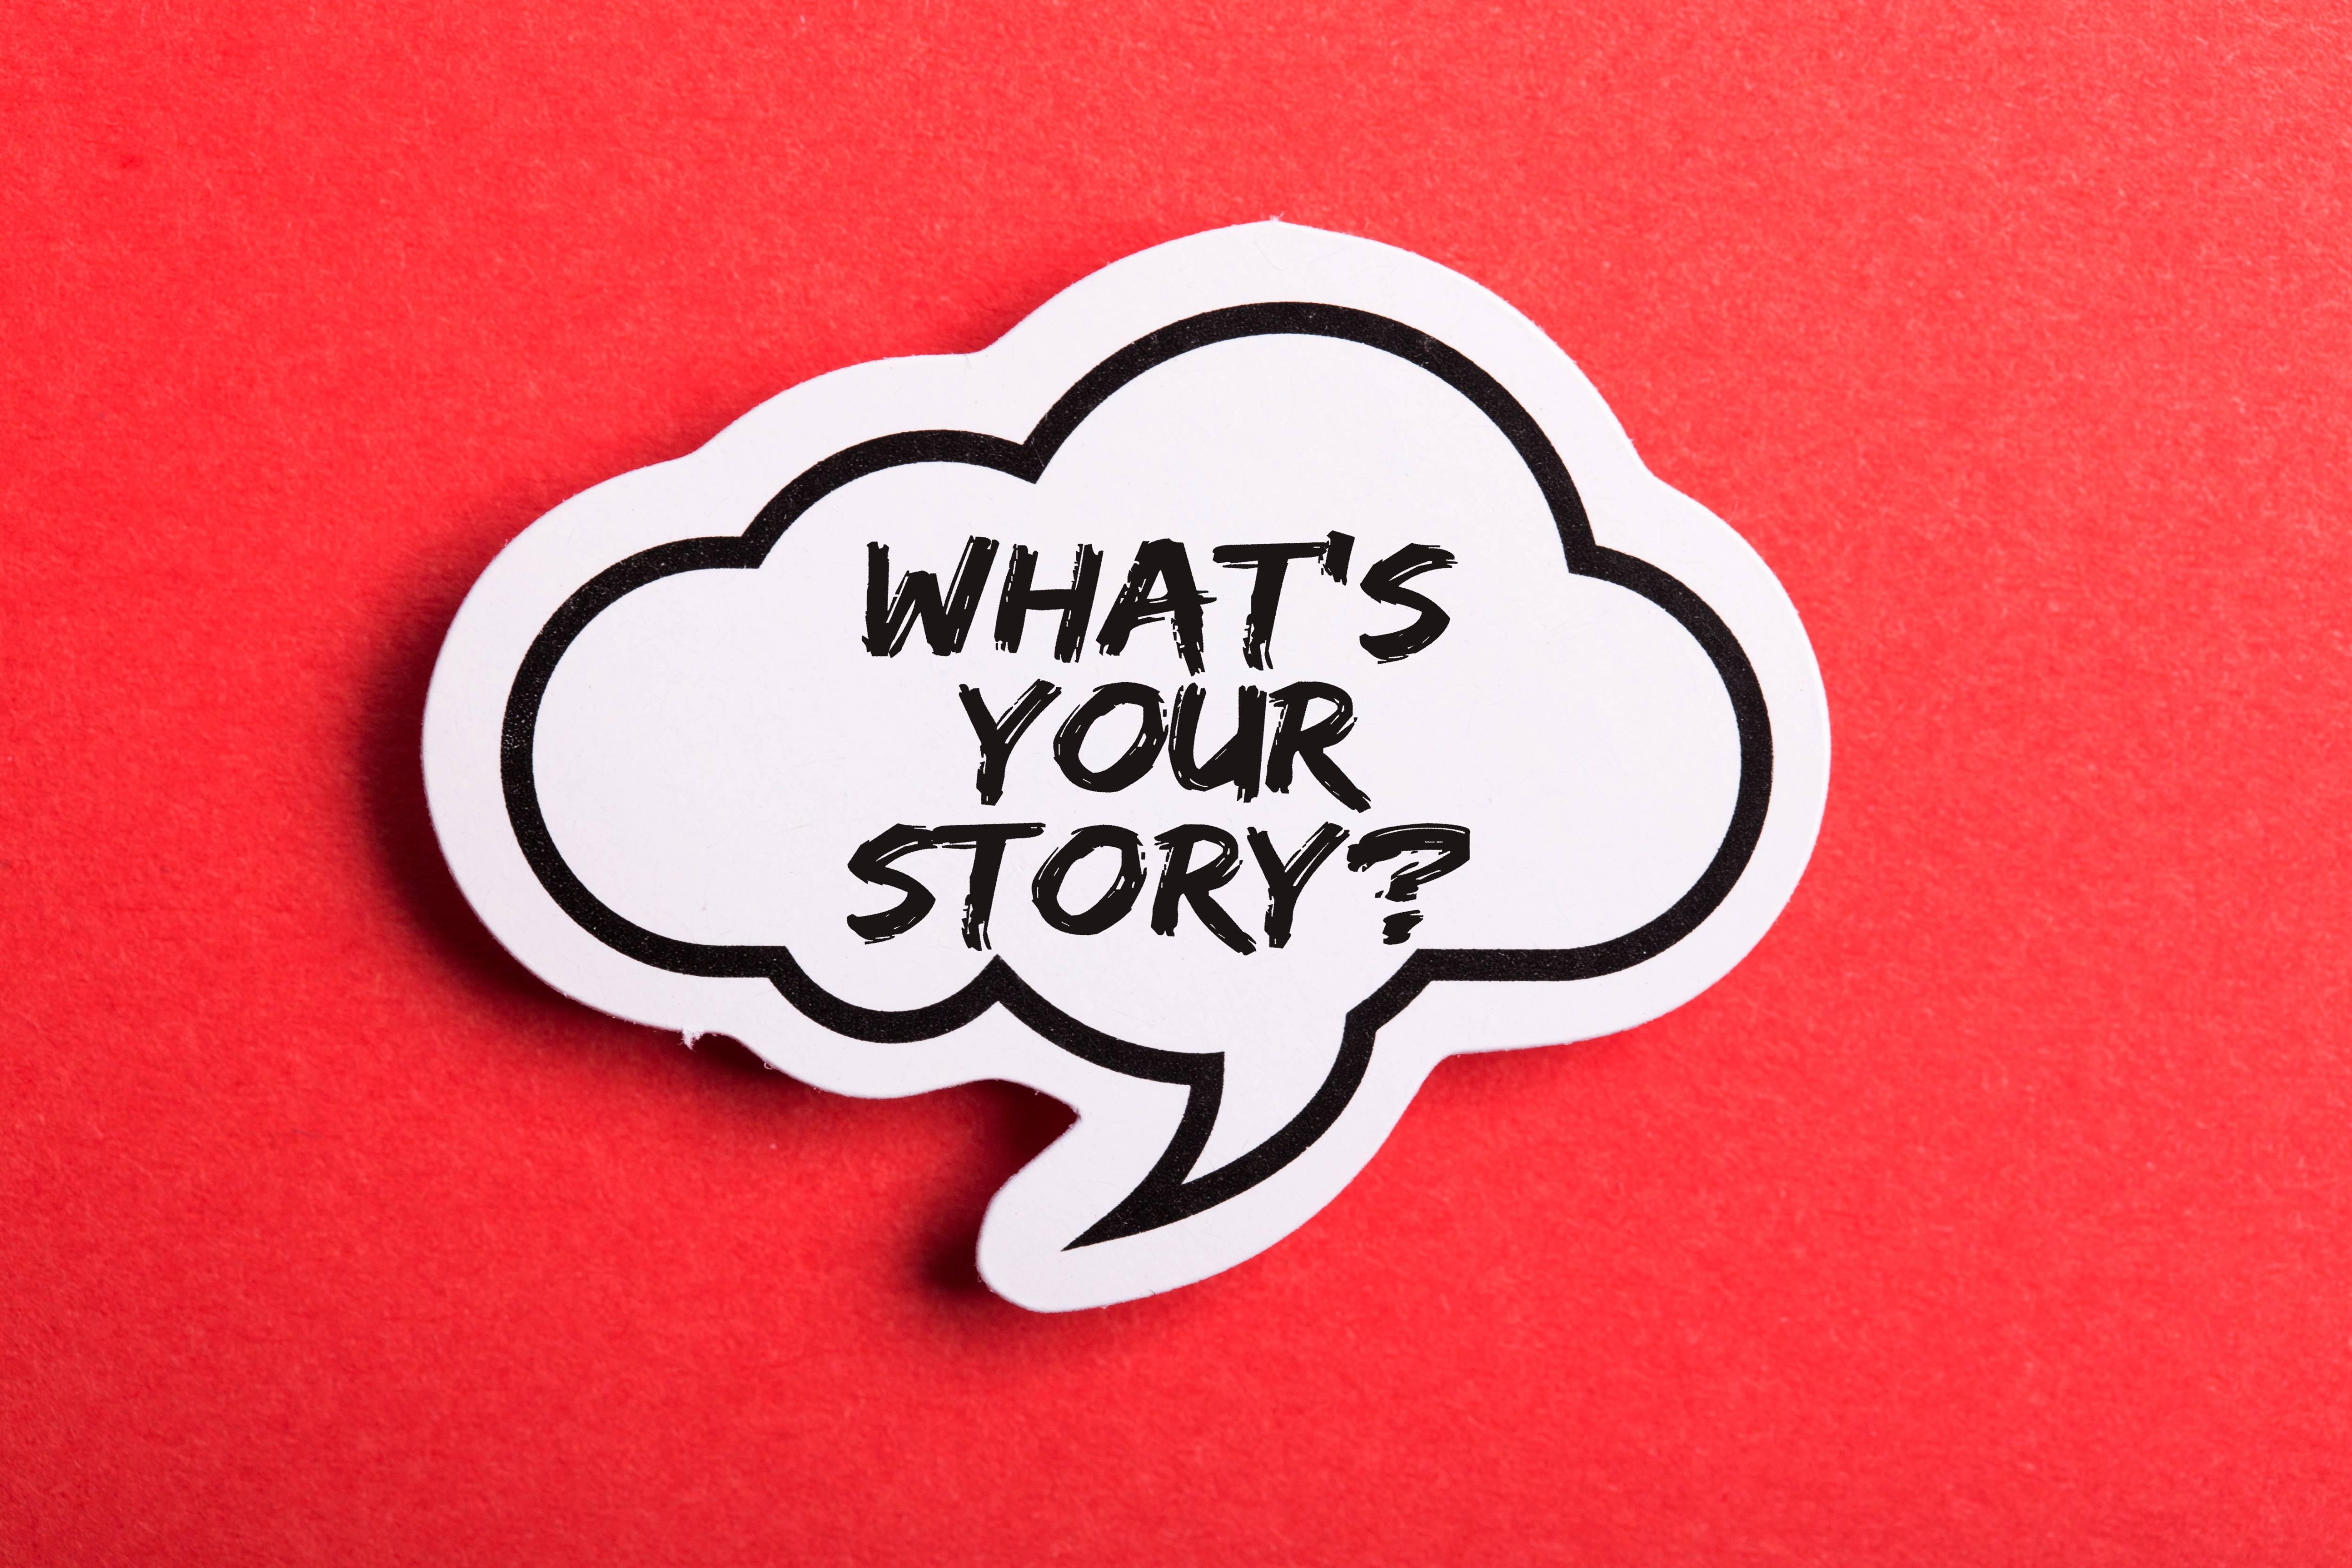 narrative content network marketing